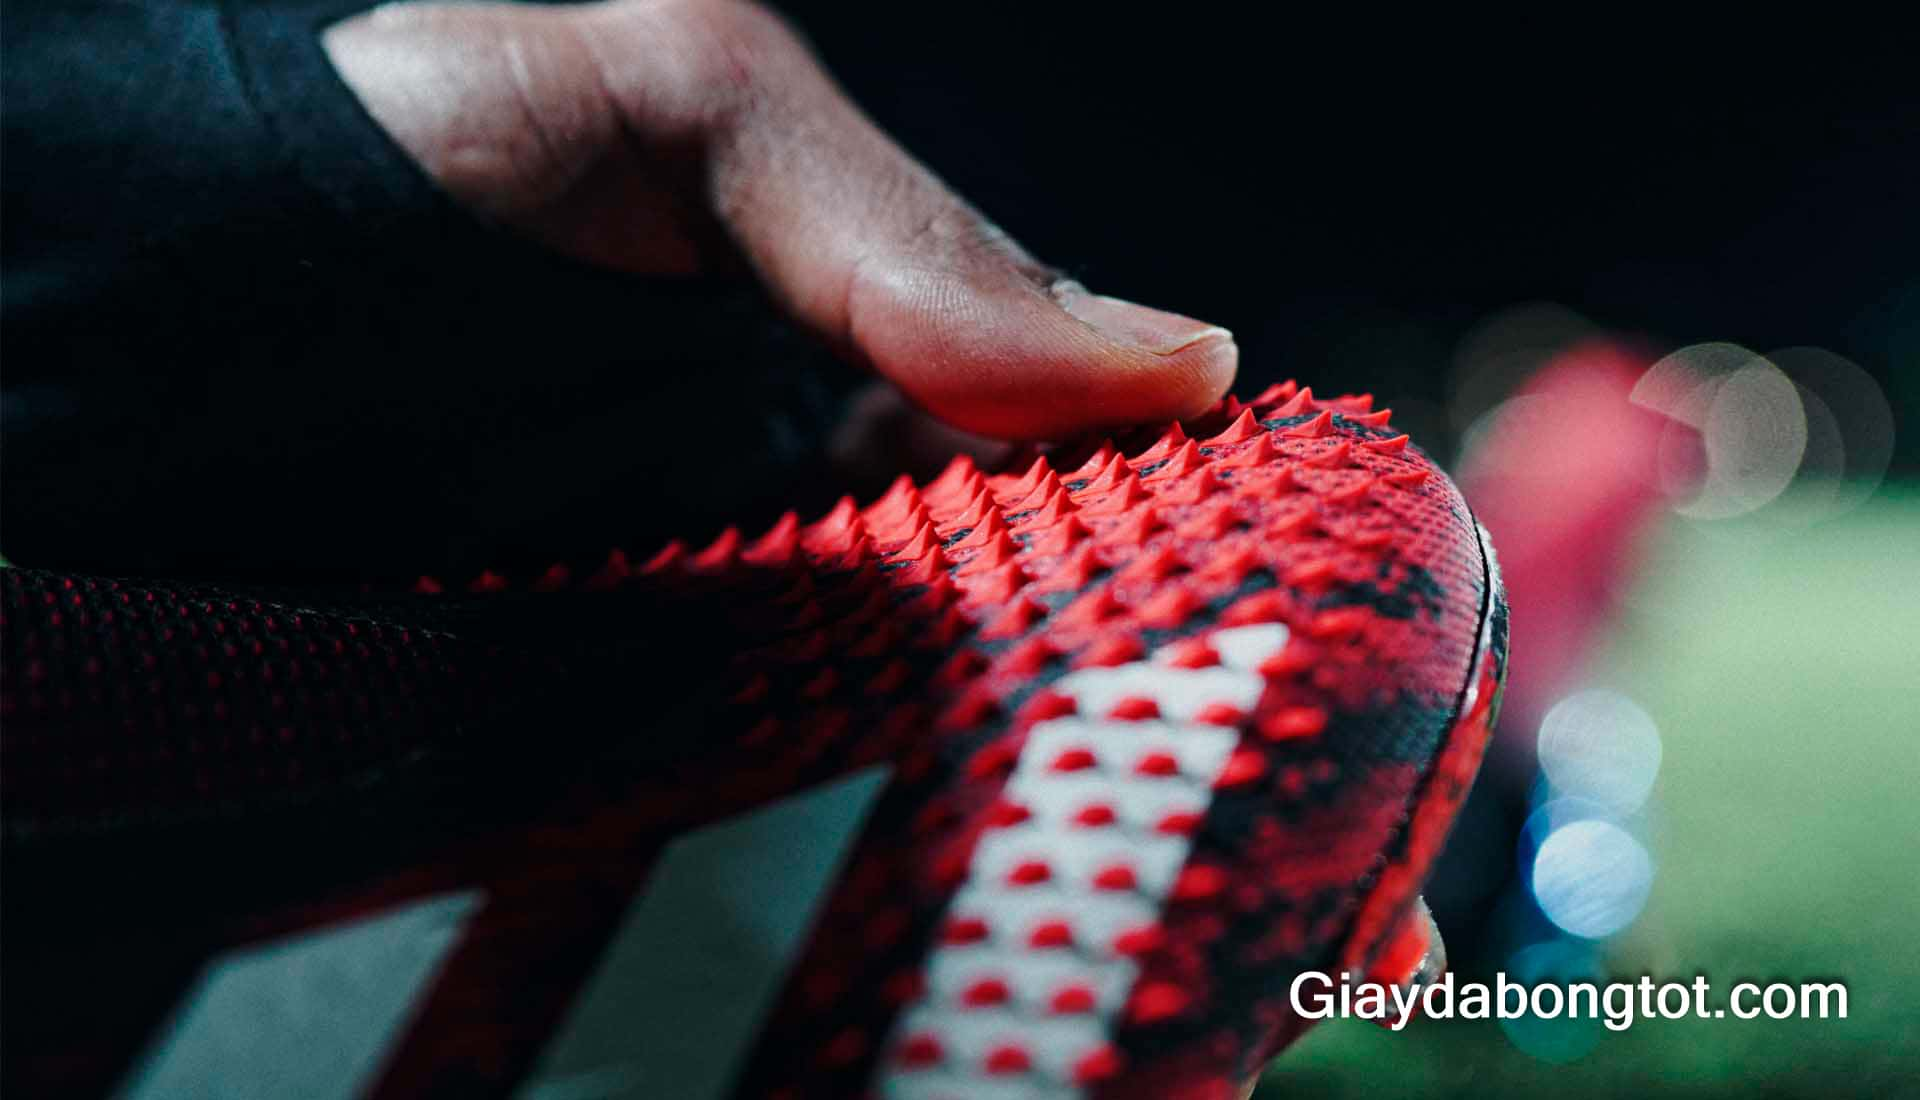 Những chiếc gai nhọn trên bề mặt da Demon Skin của Adidas Predator mới nhất 2020